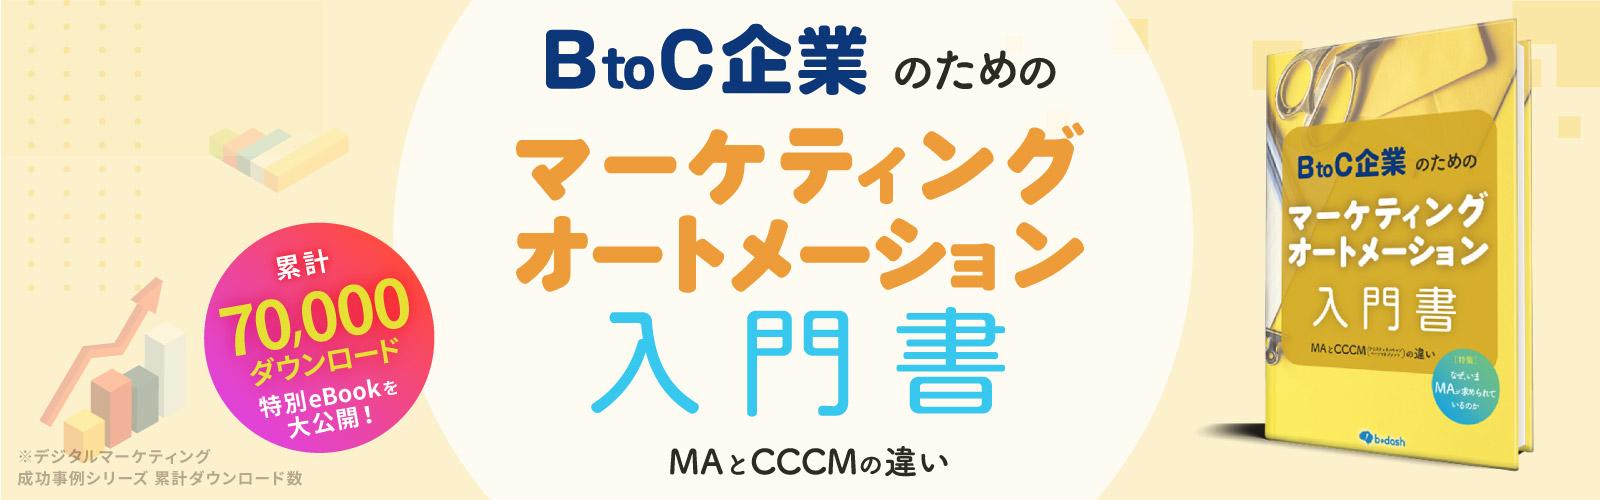 BtoC企業のための<br /> マーケティングオートメーション入門書